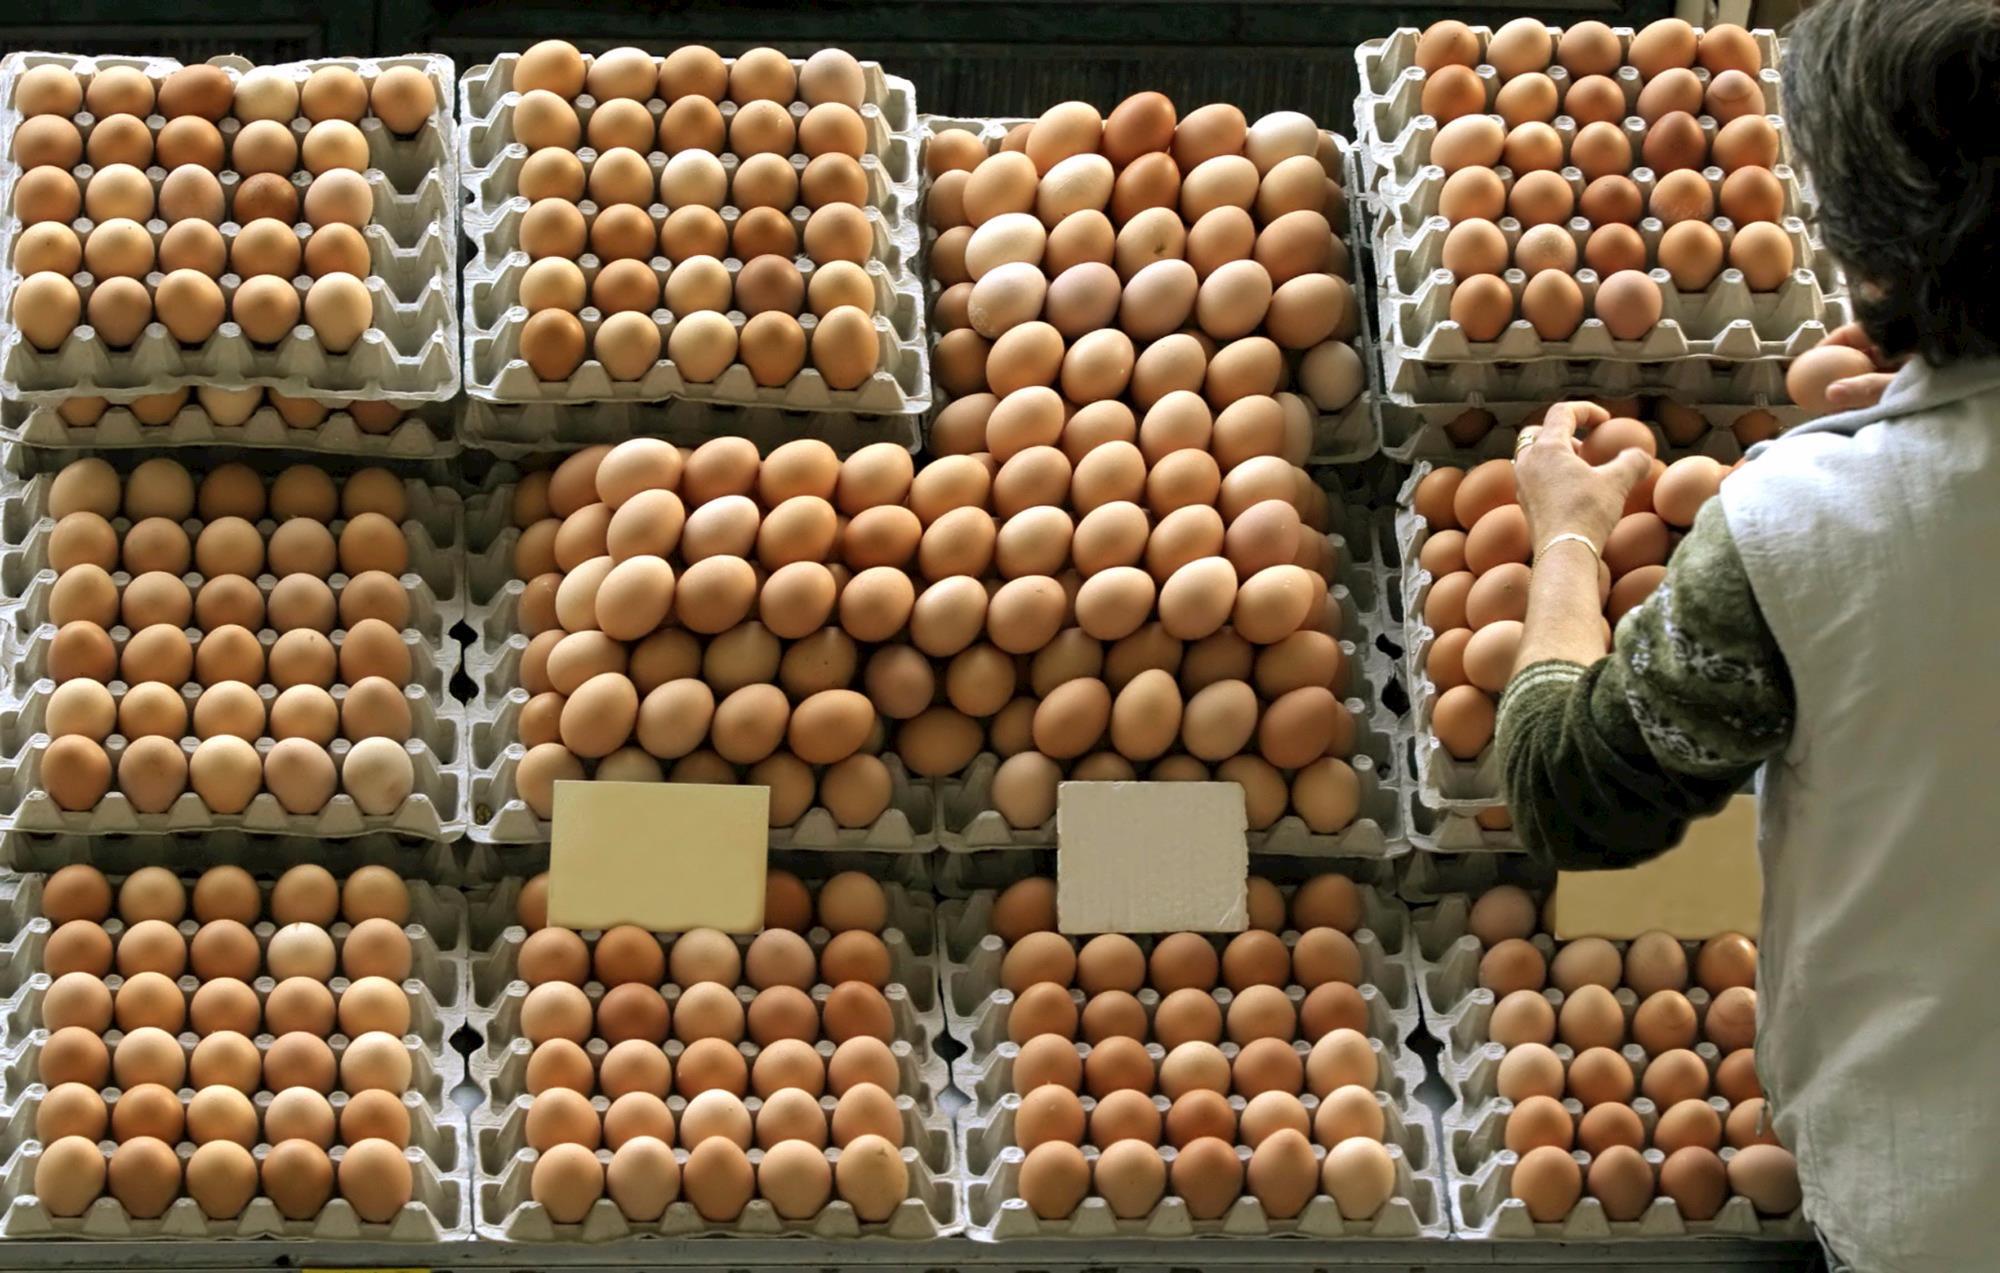 ovos, fotos atualizadas ,